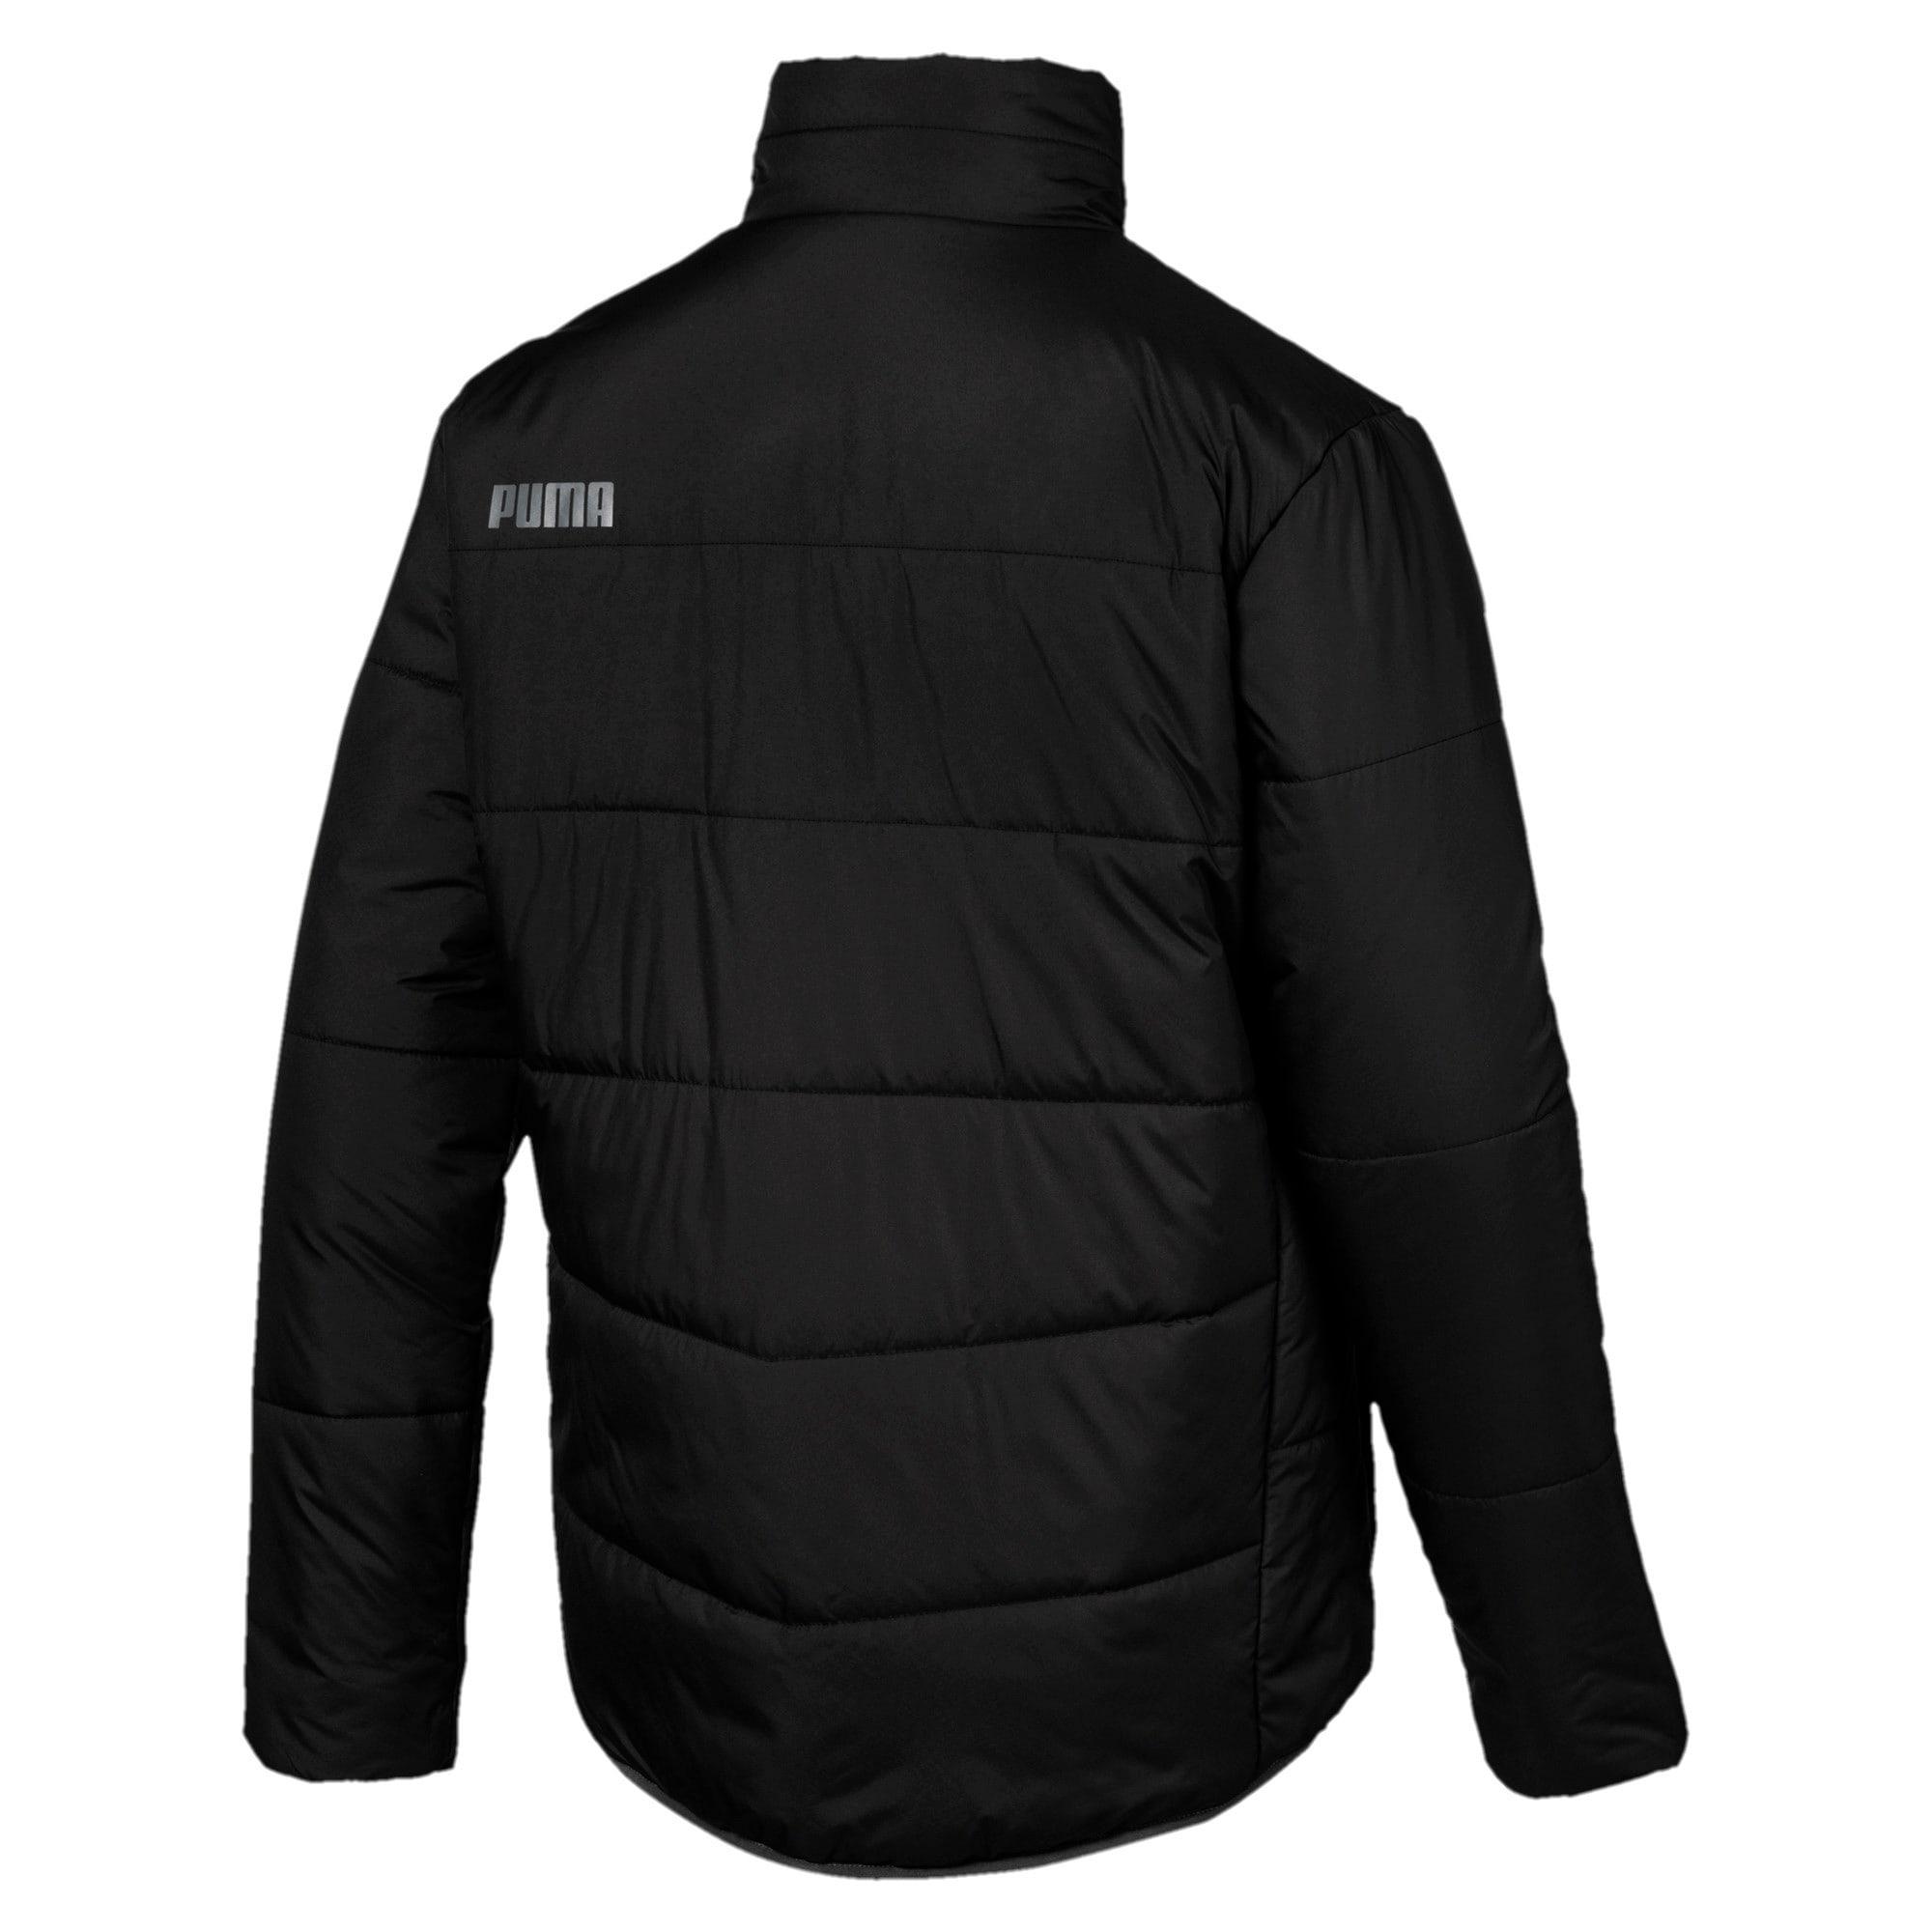 Thumbnail 3 of ESS Padded Jacket, Puma Black, medium